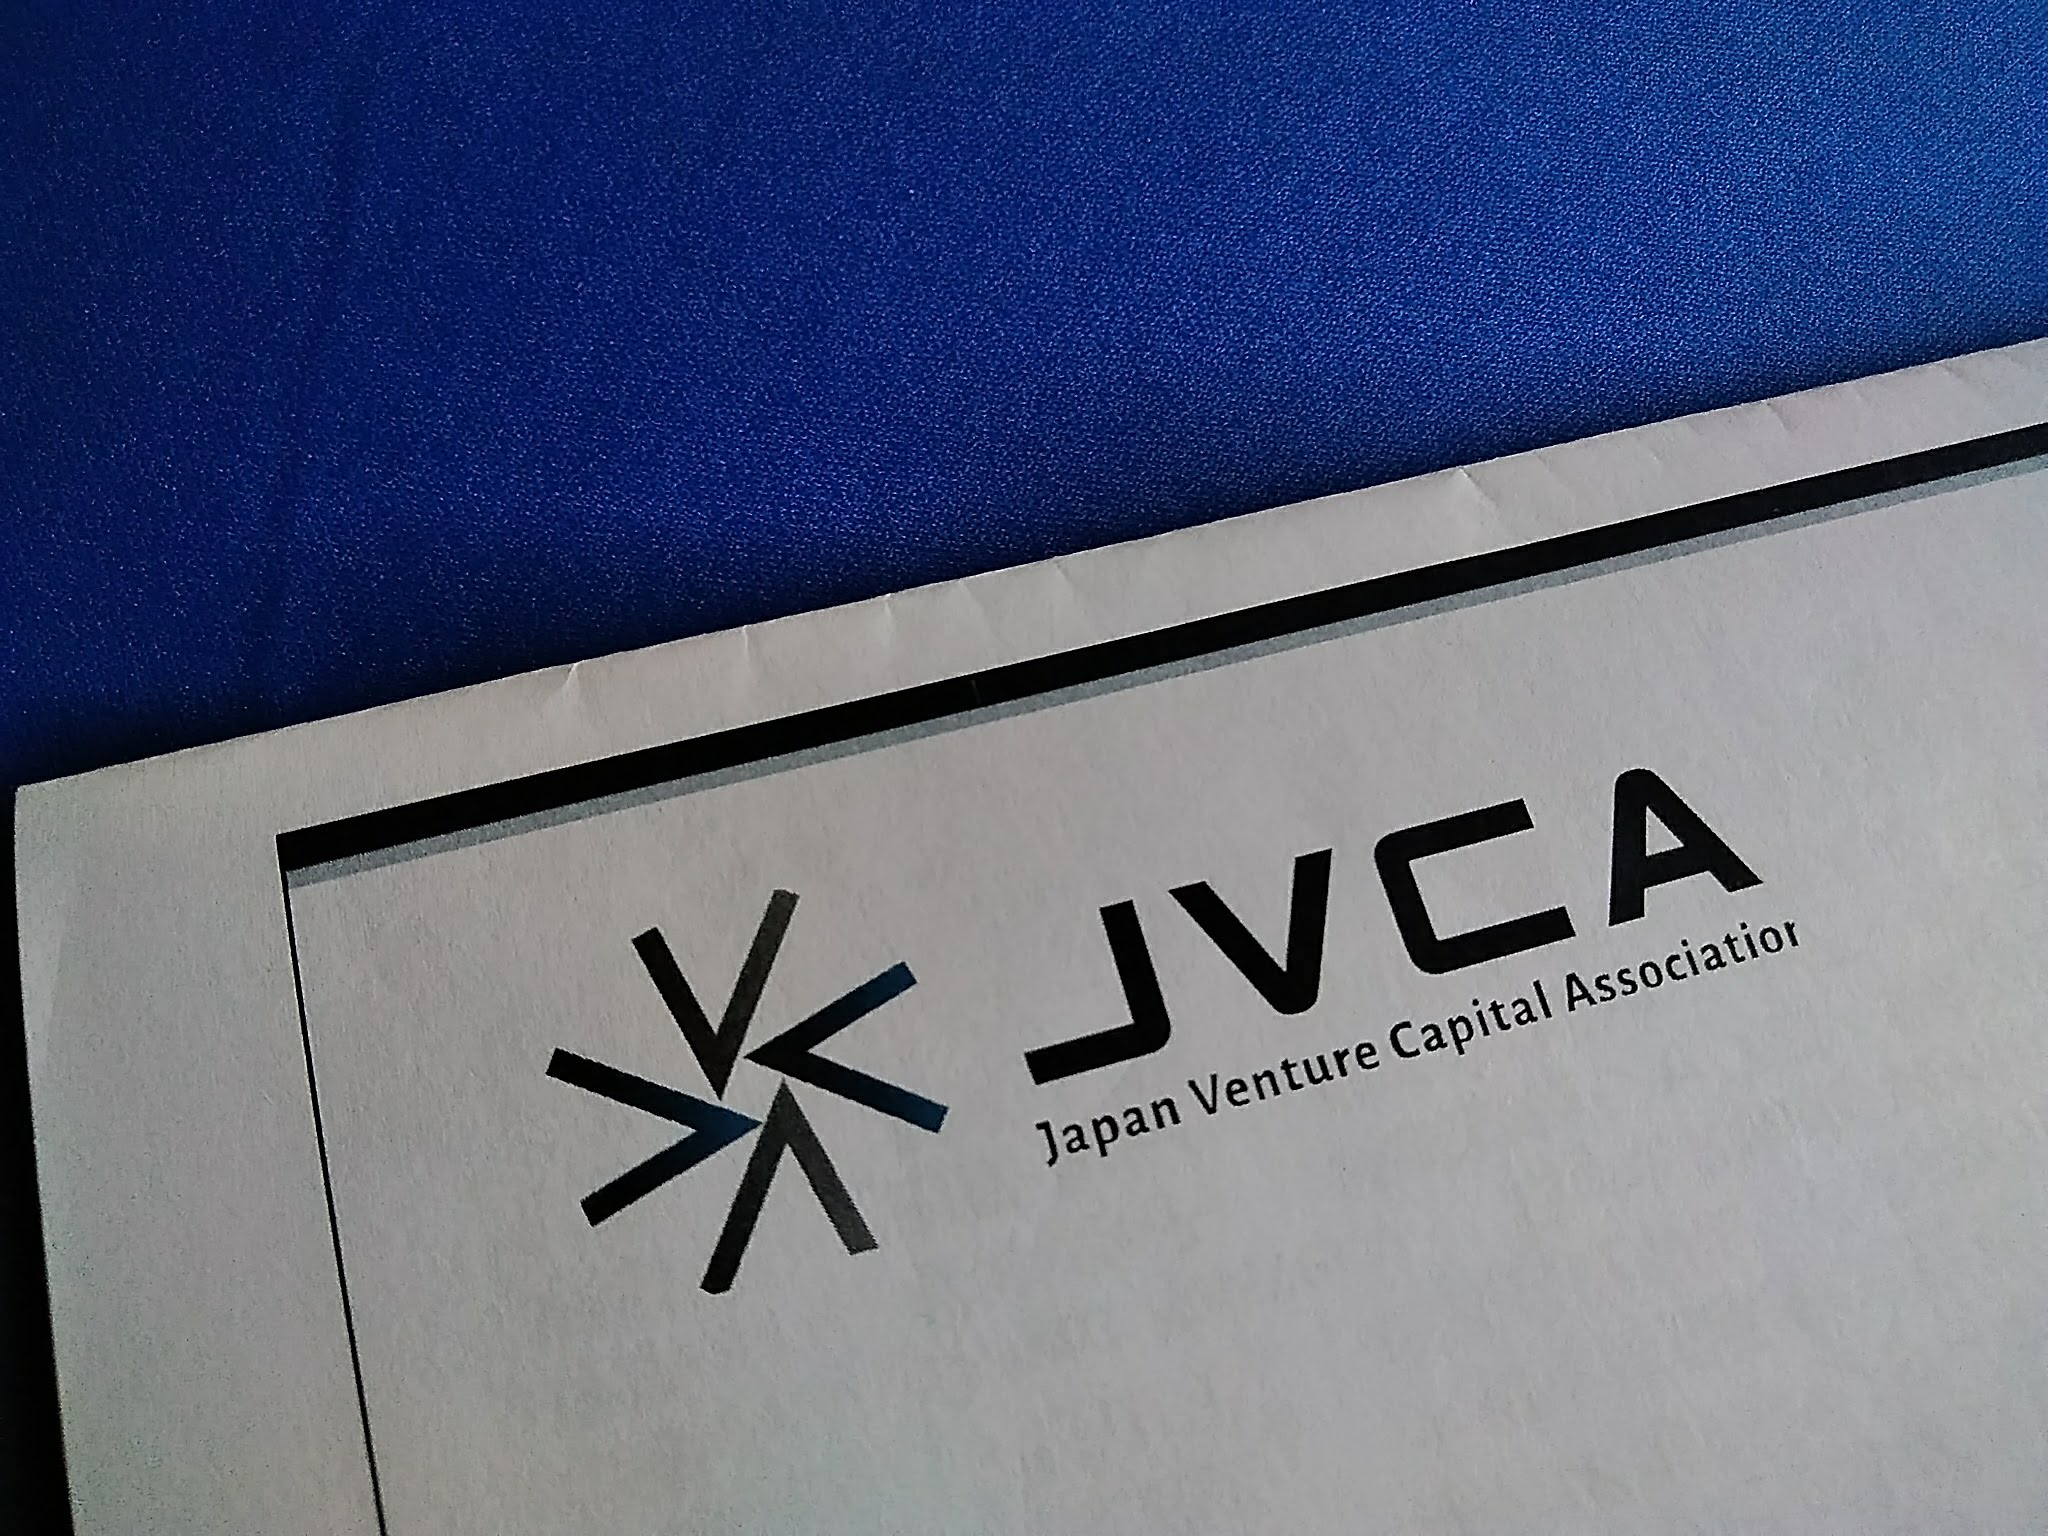 日本ベンチャーキャピタル協会